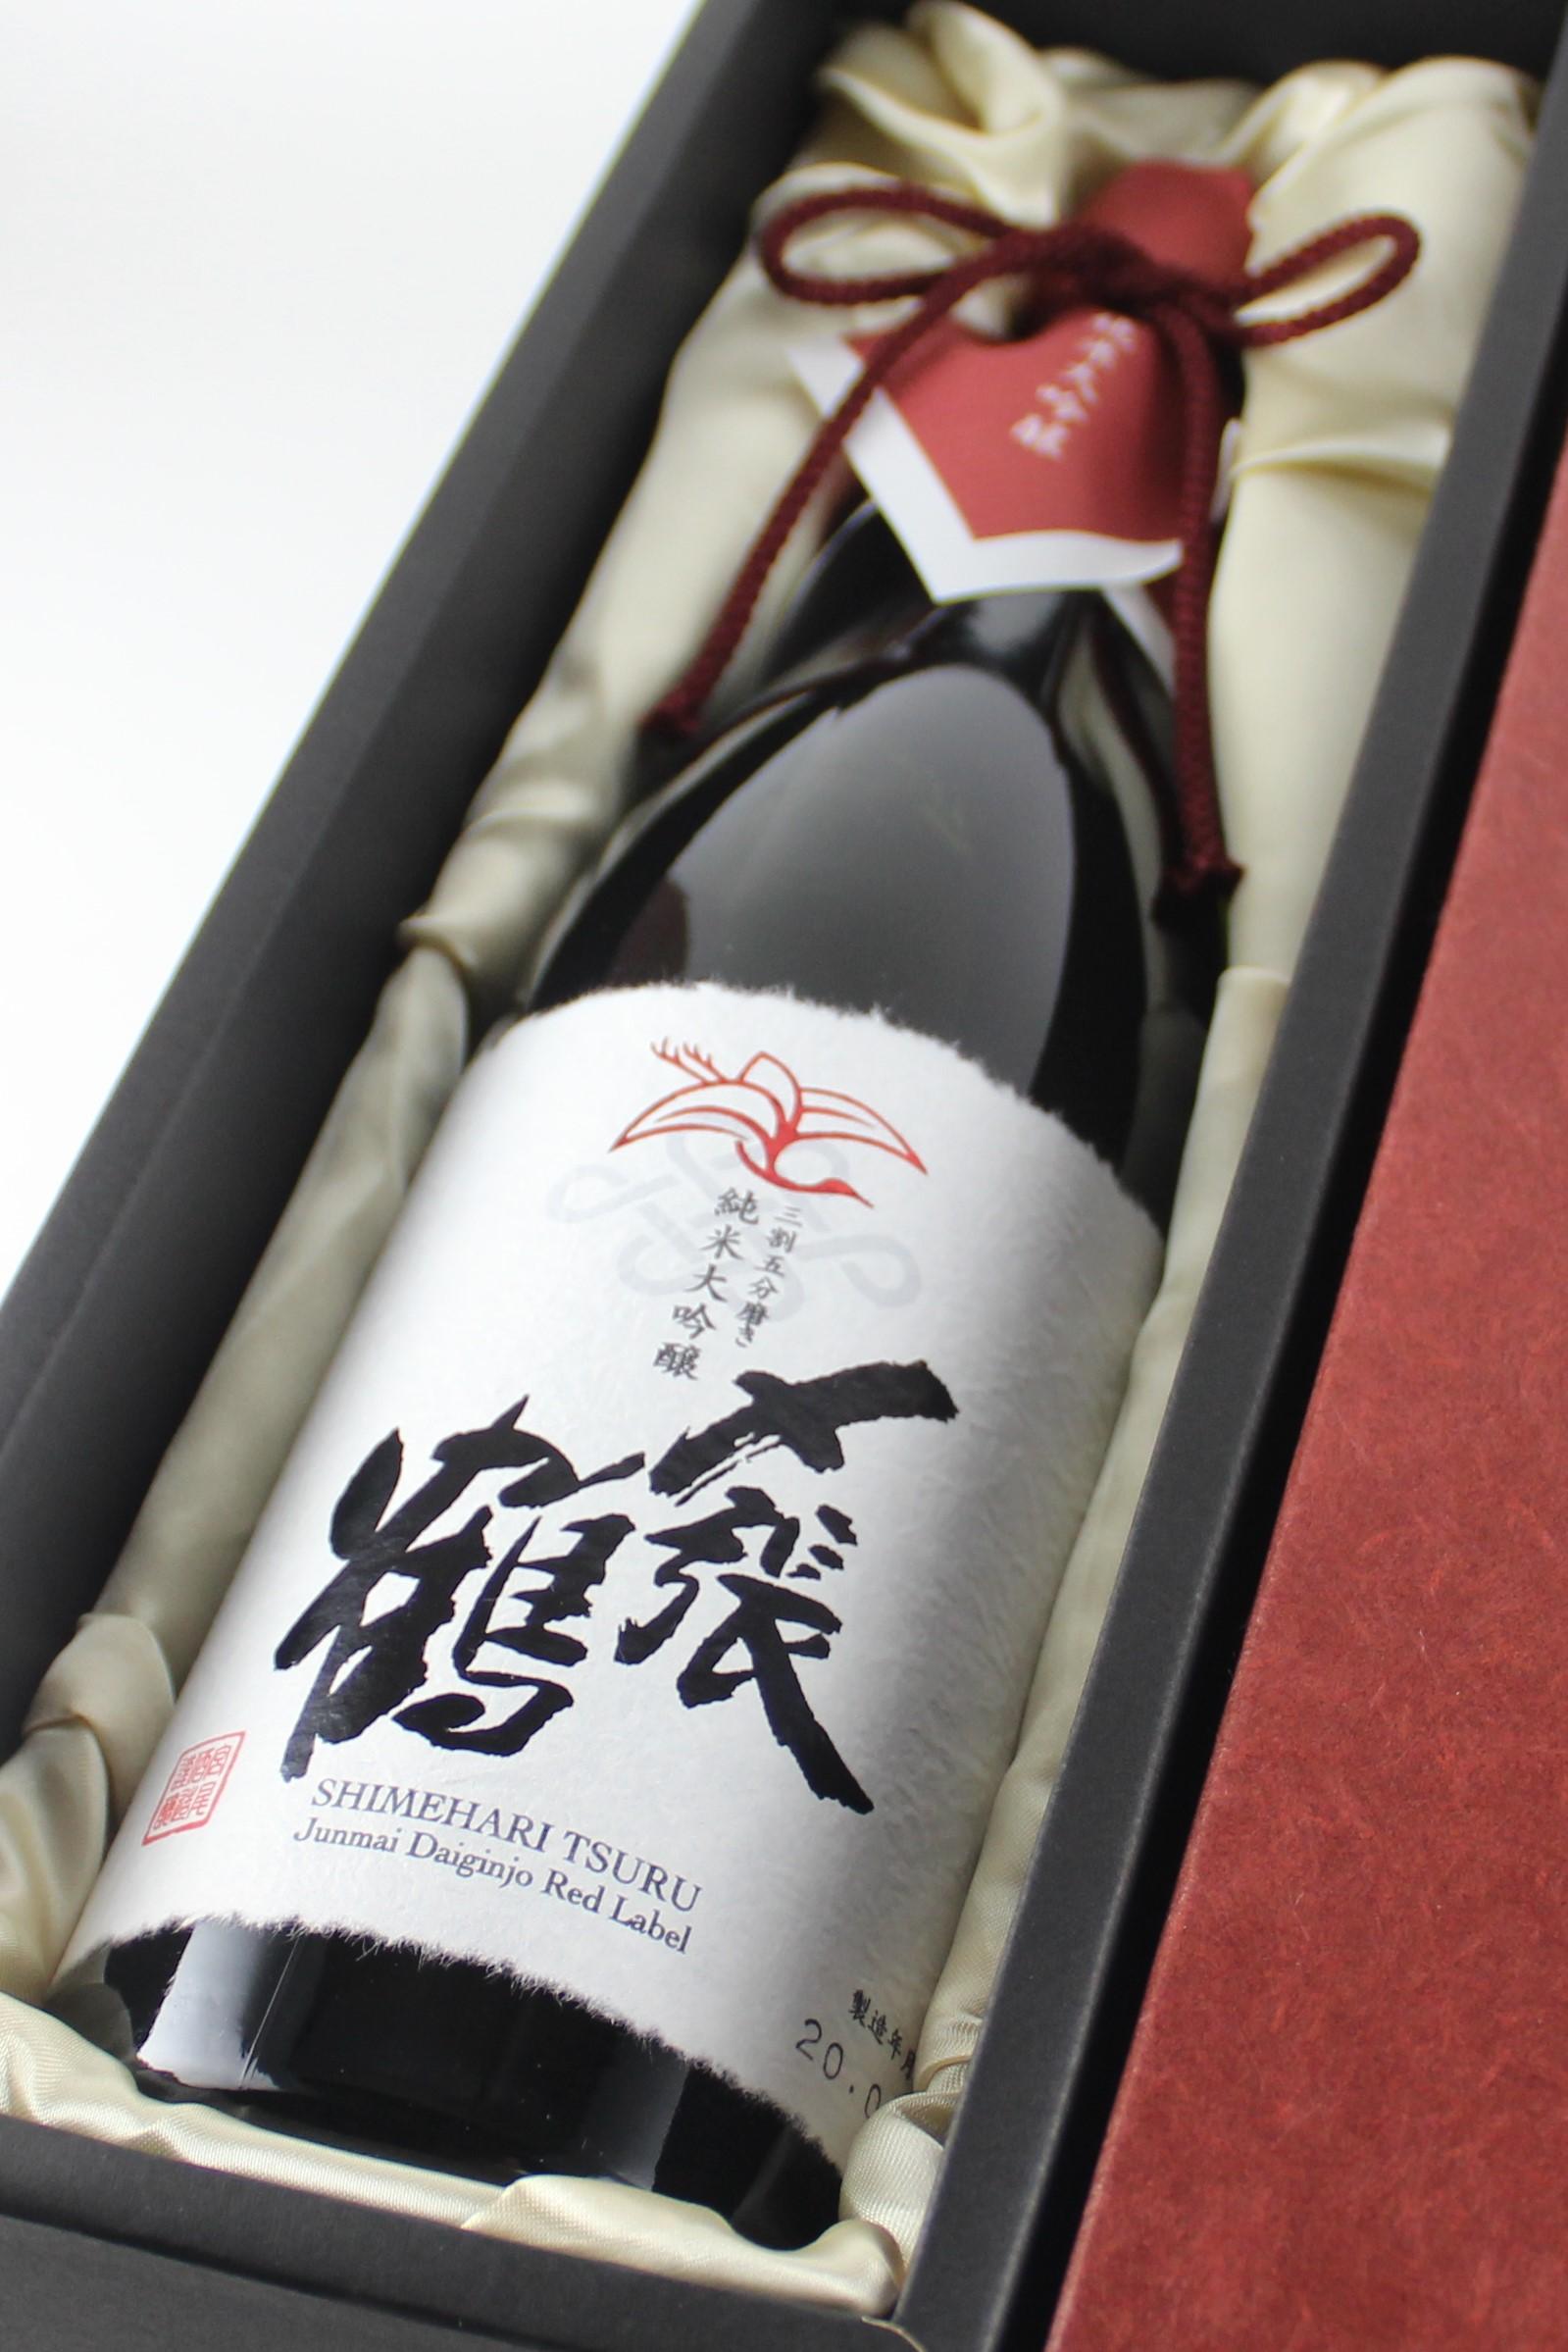 〆張鶴 RED LABEL(レッドラベル) 純米大吟醸 山田錦 720ml 【新潟/宮尾酒造】